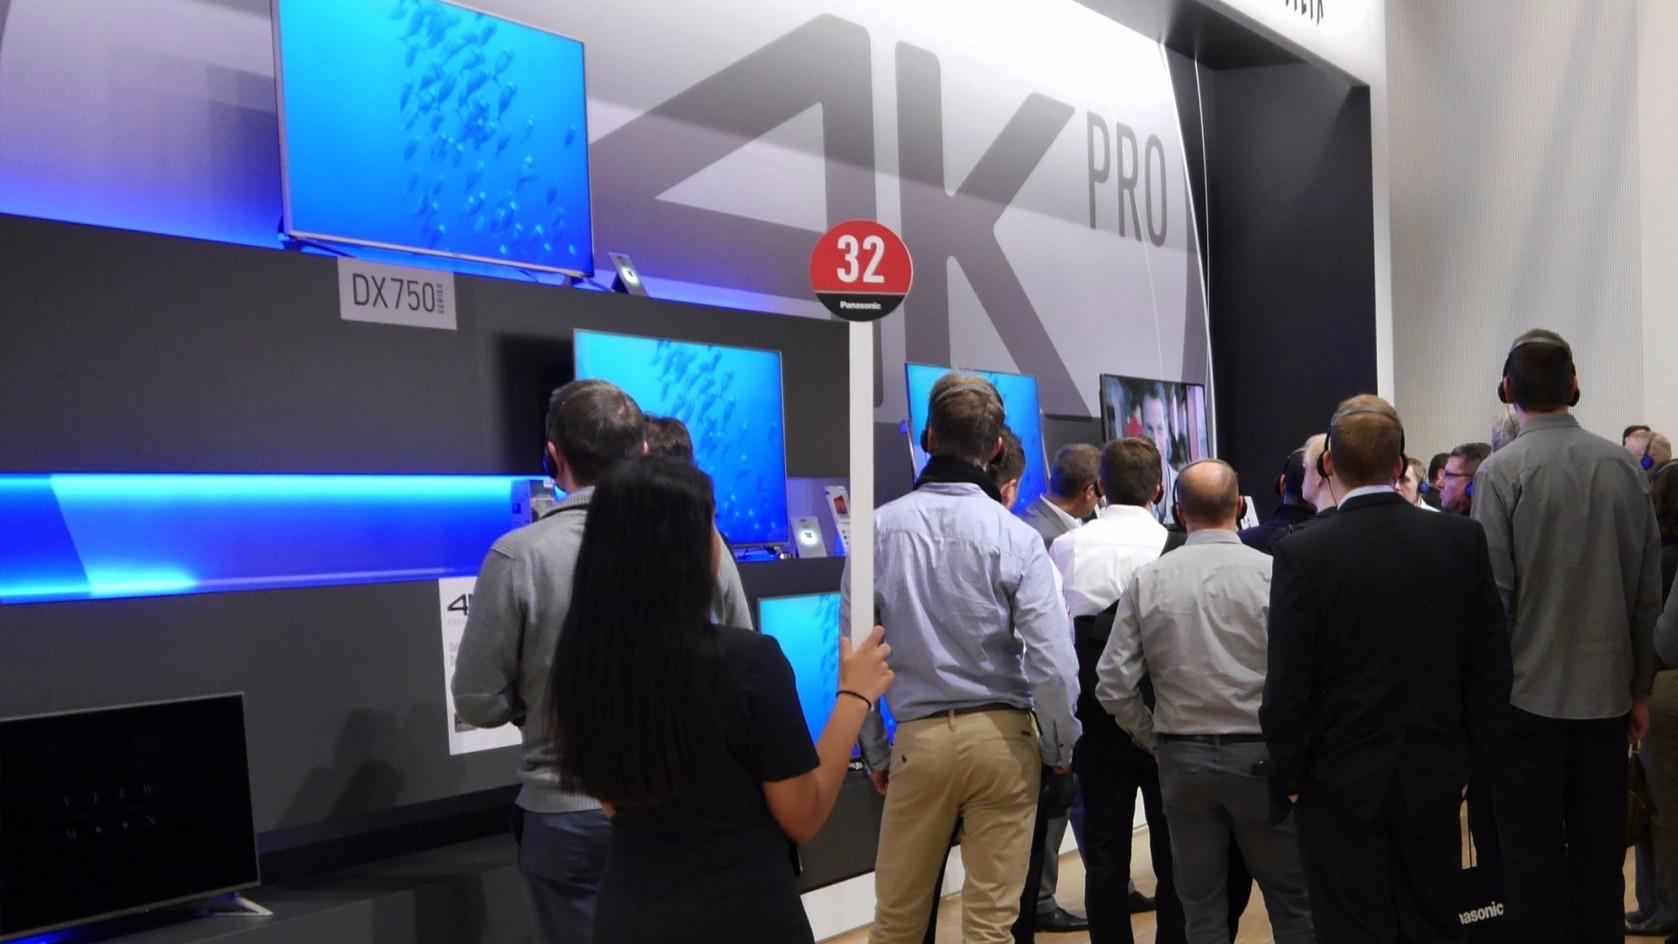 Stein betreut auch 2016 die Panasonic Convention